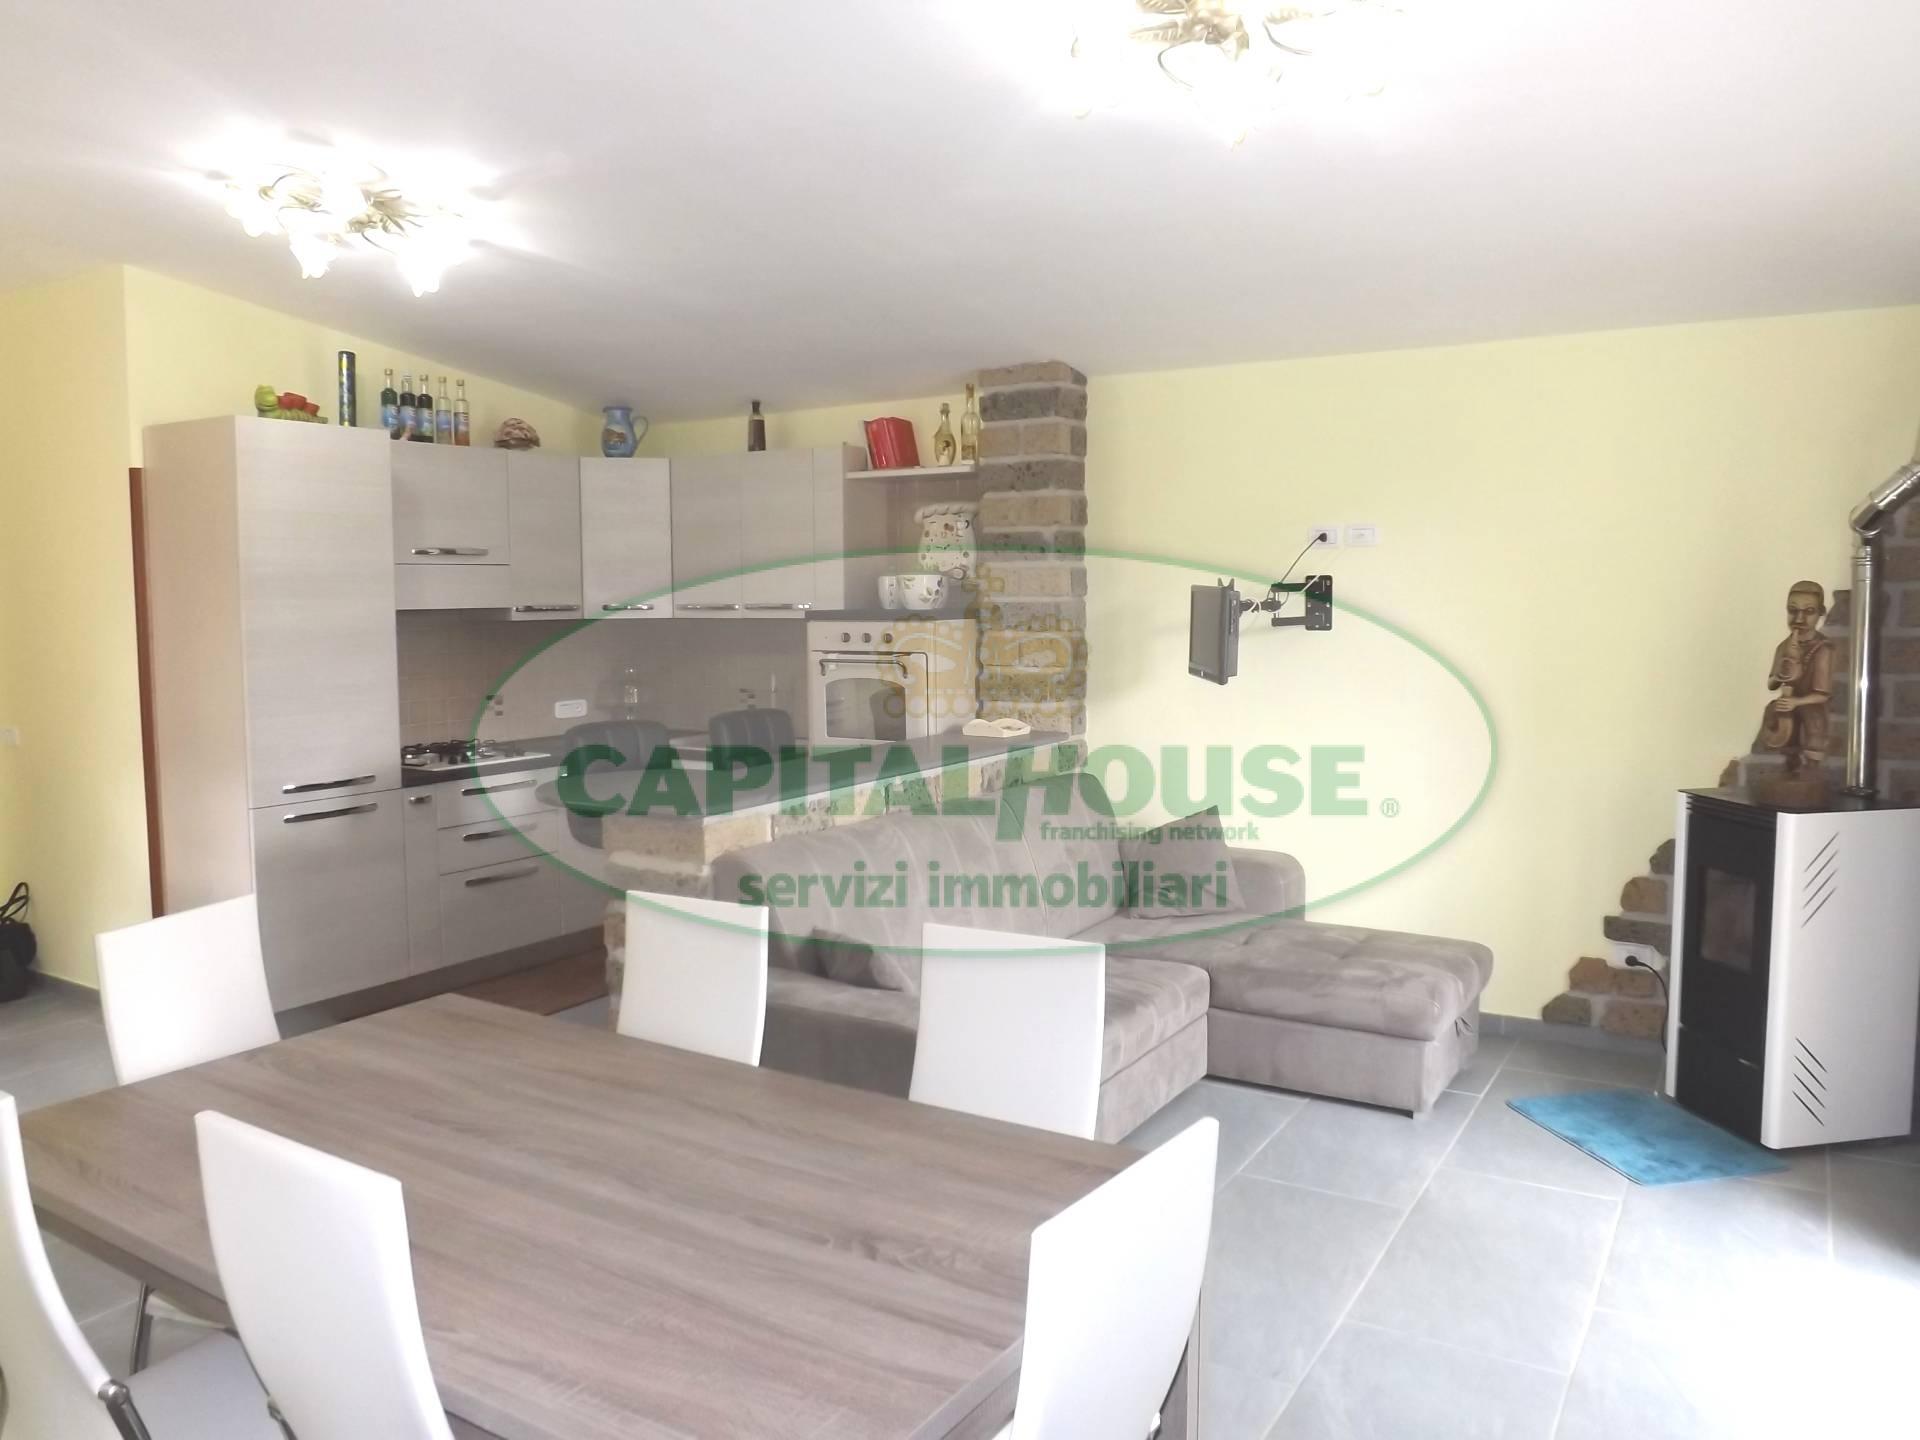 Appartamento in vendita a Cesinali, 4 locali, prezzo € 130.000 | CambioCasa.it